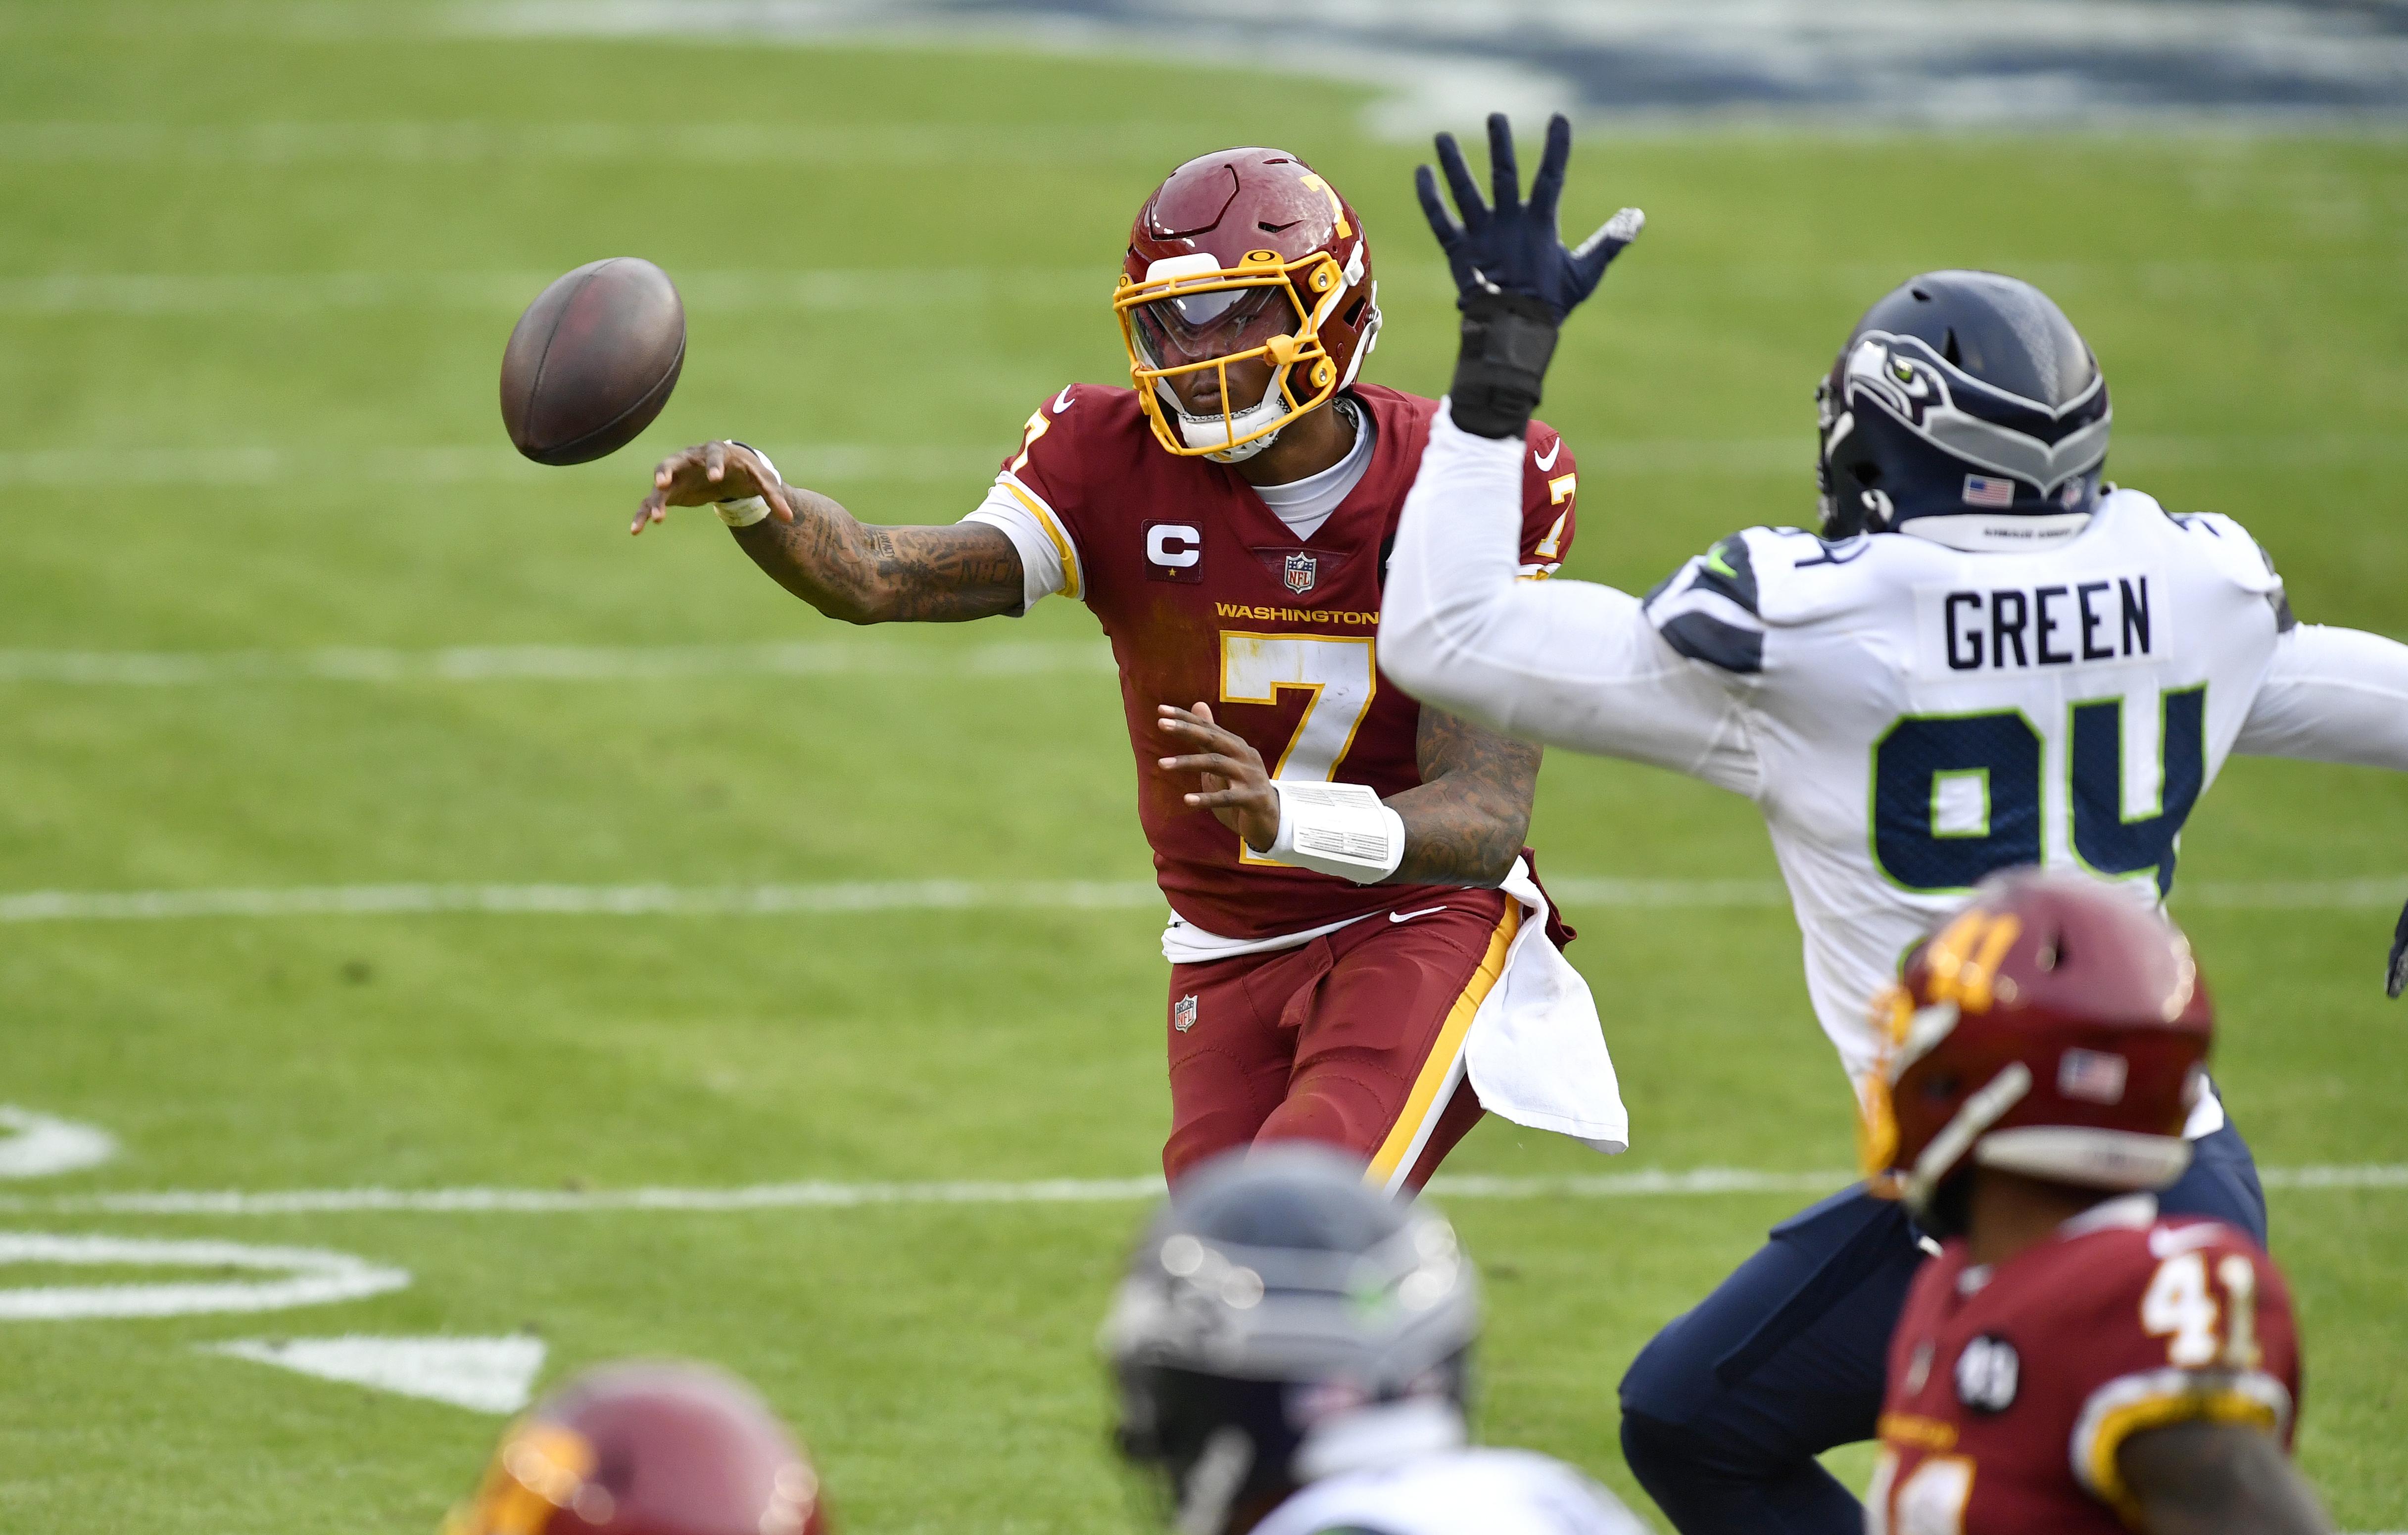 NFL: DEC 20 Seahawks at Washington Football Team